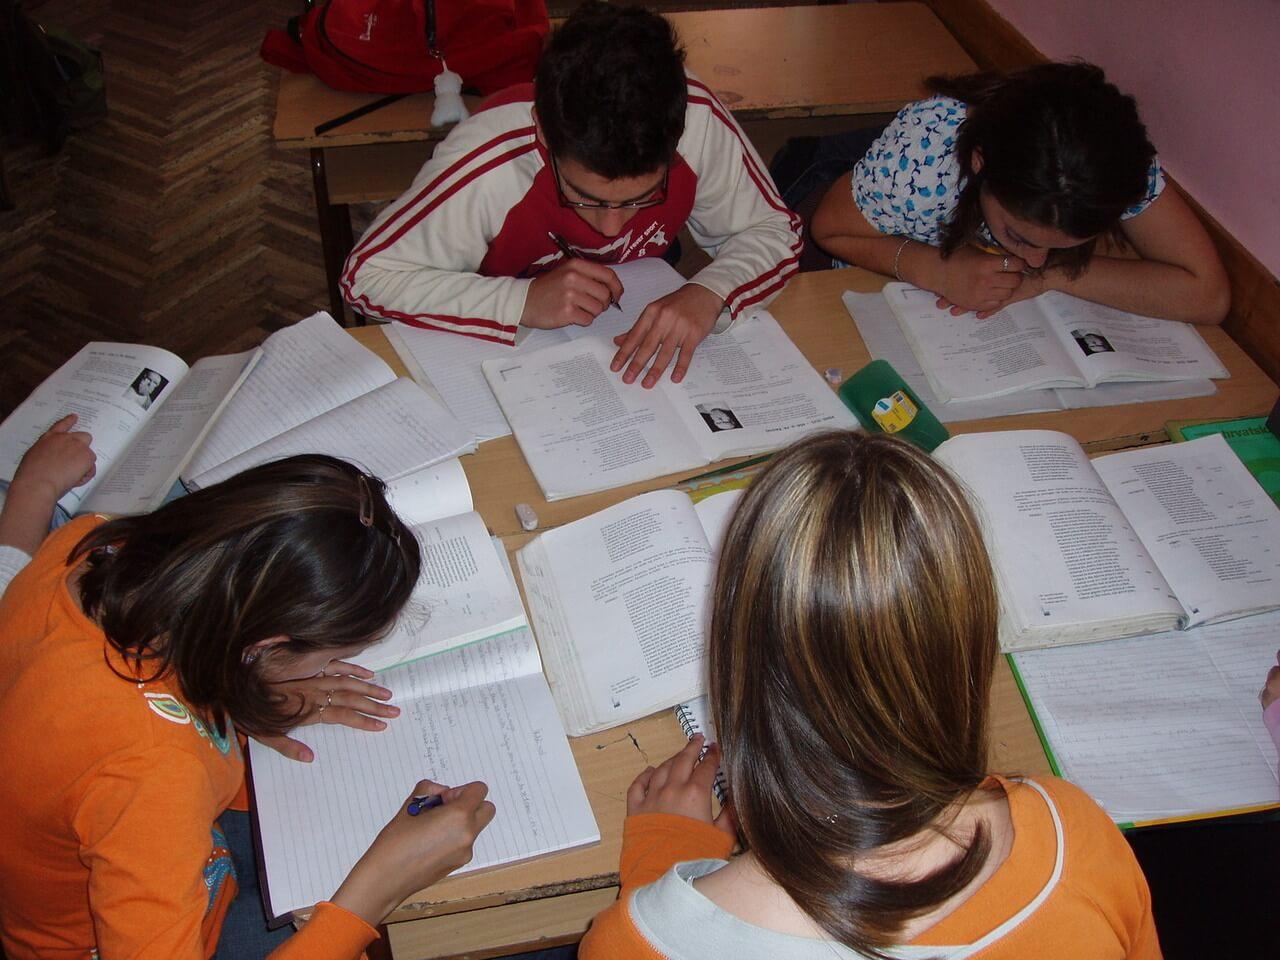 السنة الرابعة متوسط سنة مصيرية لطالب الجزائري